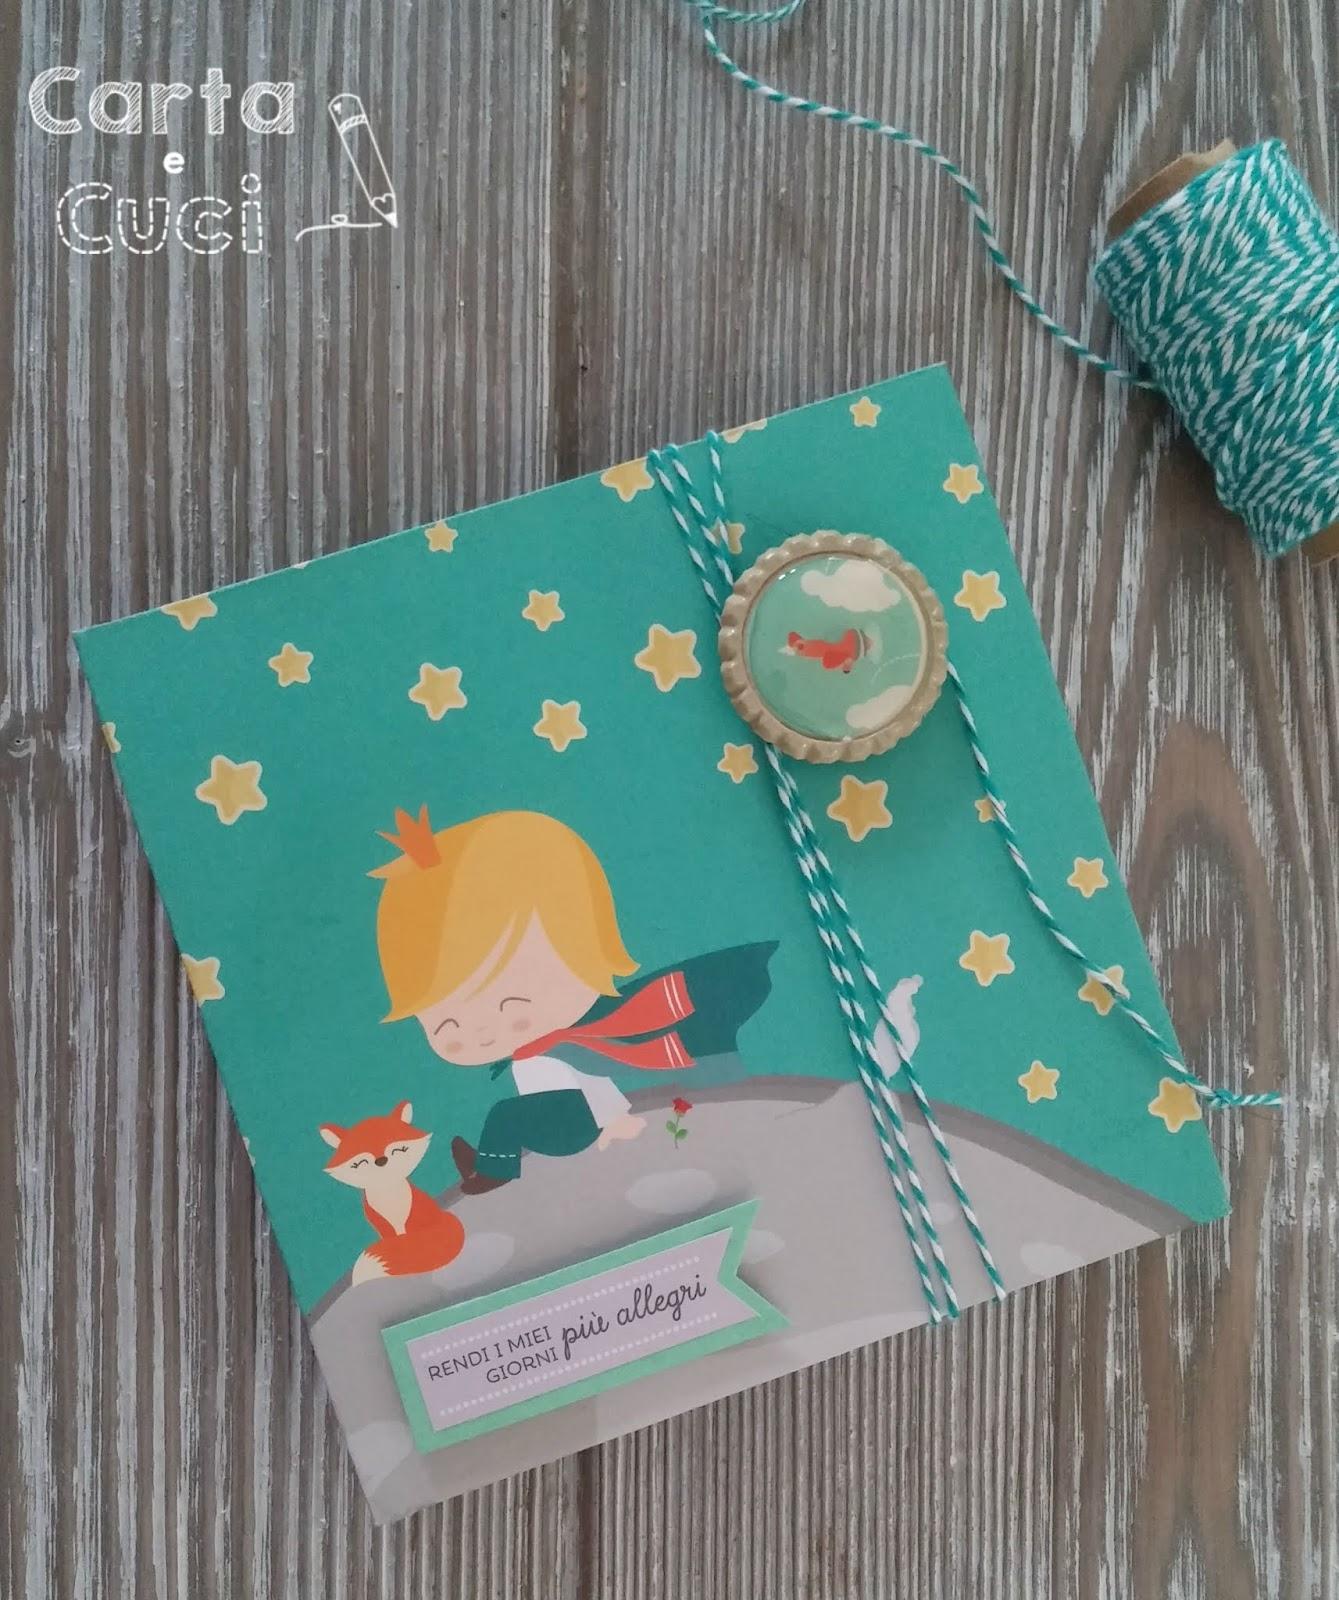 Cose Creative Con La Carta carta e cuci: squash book per la festa dei nonni - tutorial